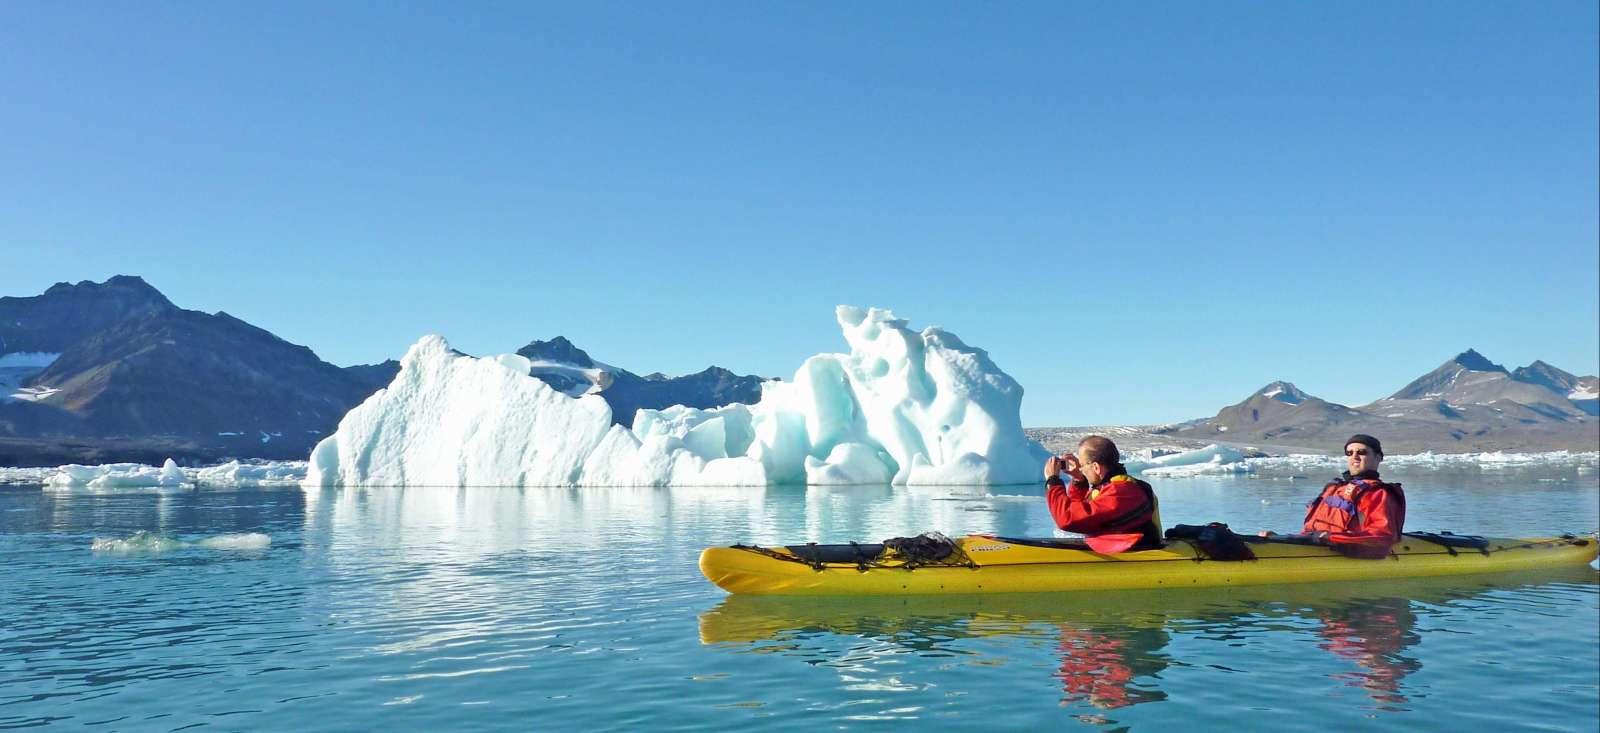 Voyage sur l'eau Norvège : Fjords, glaciers, phoques...et kayak !